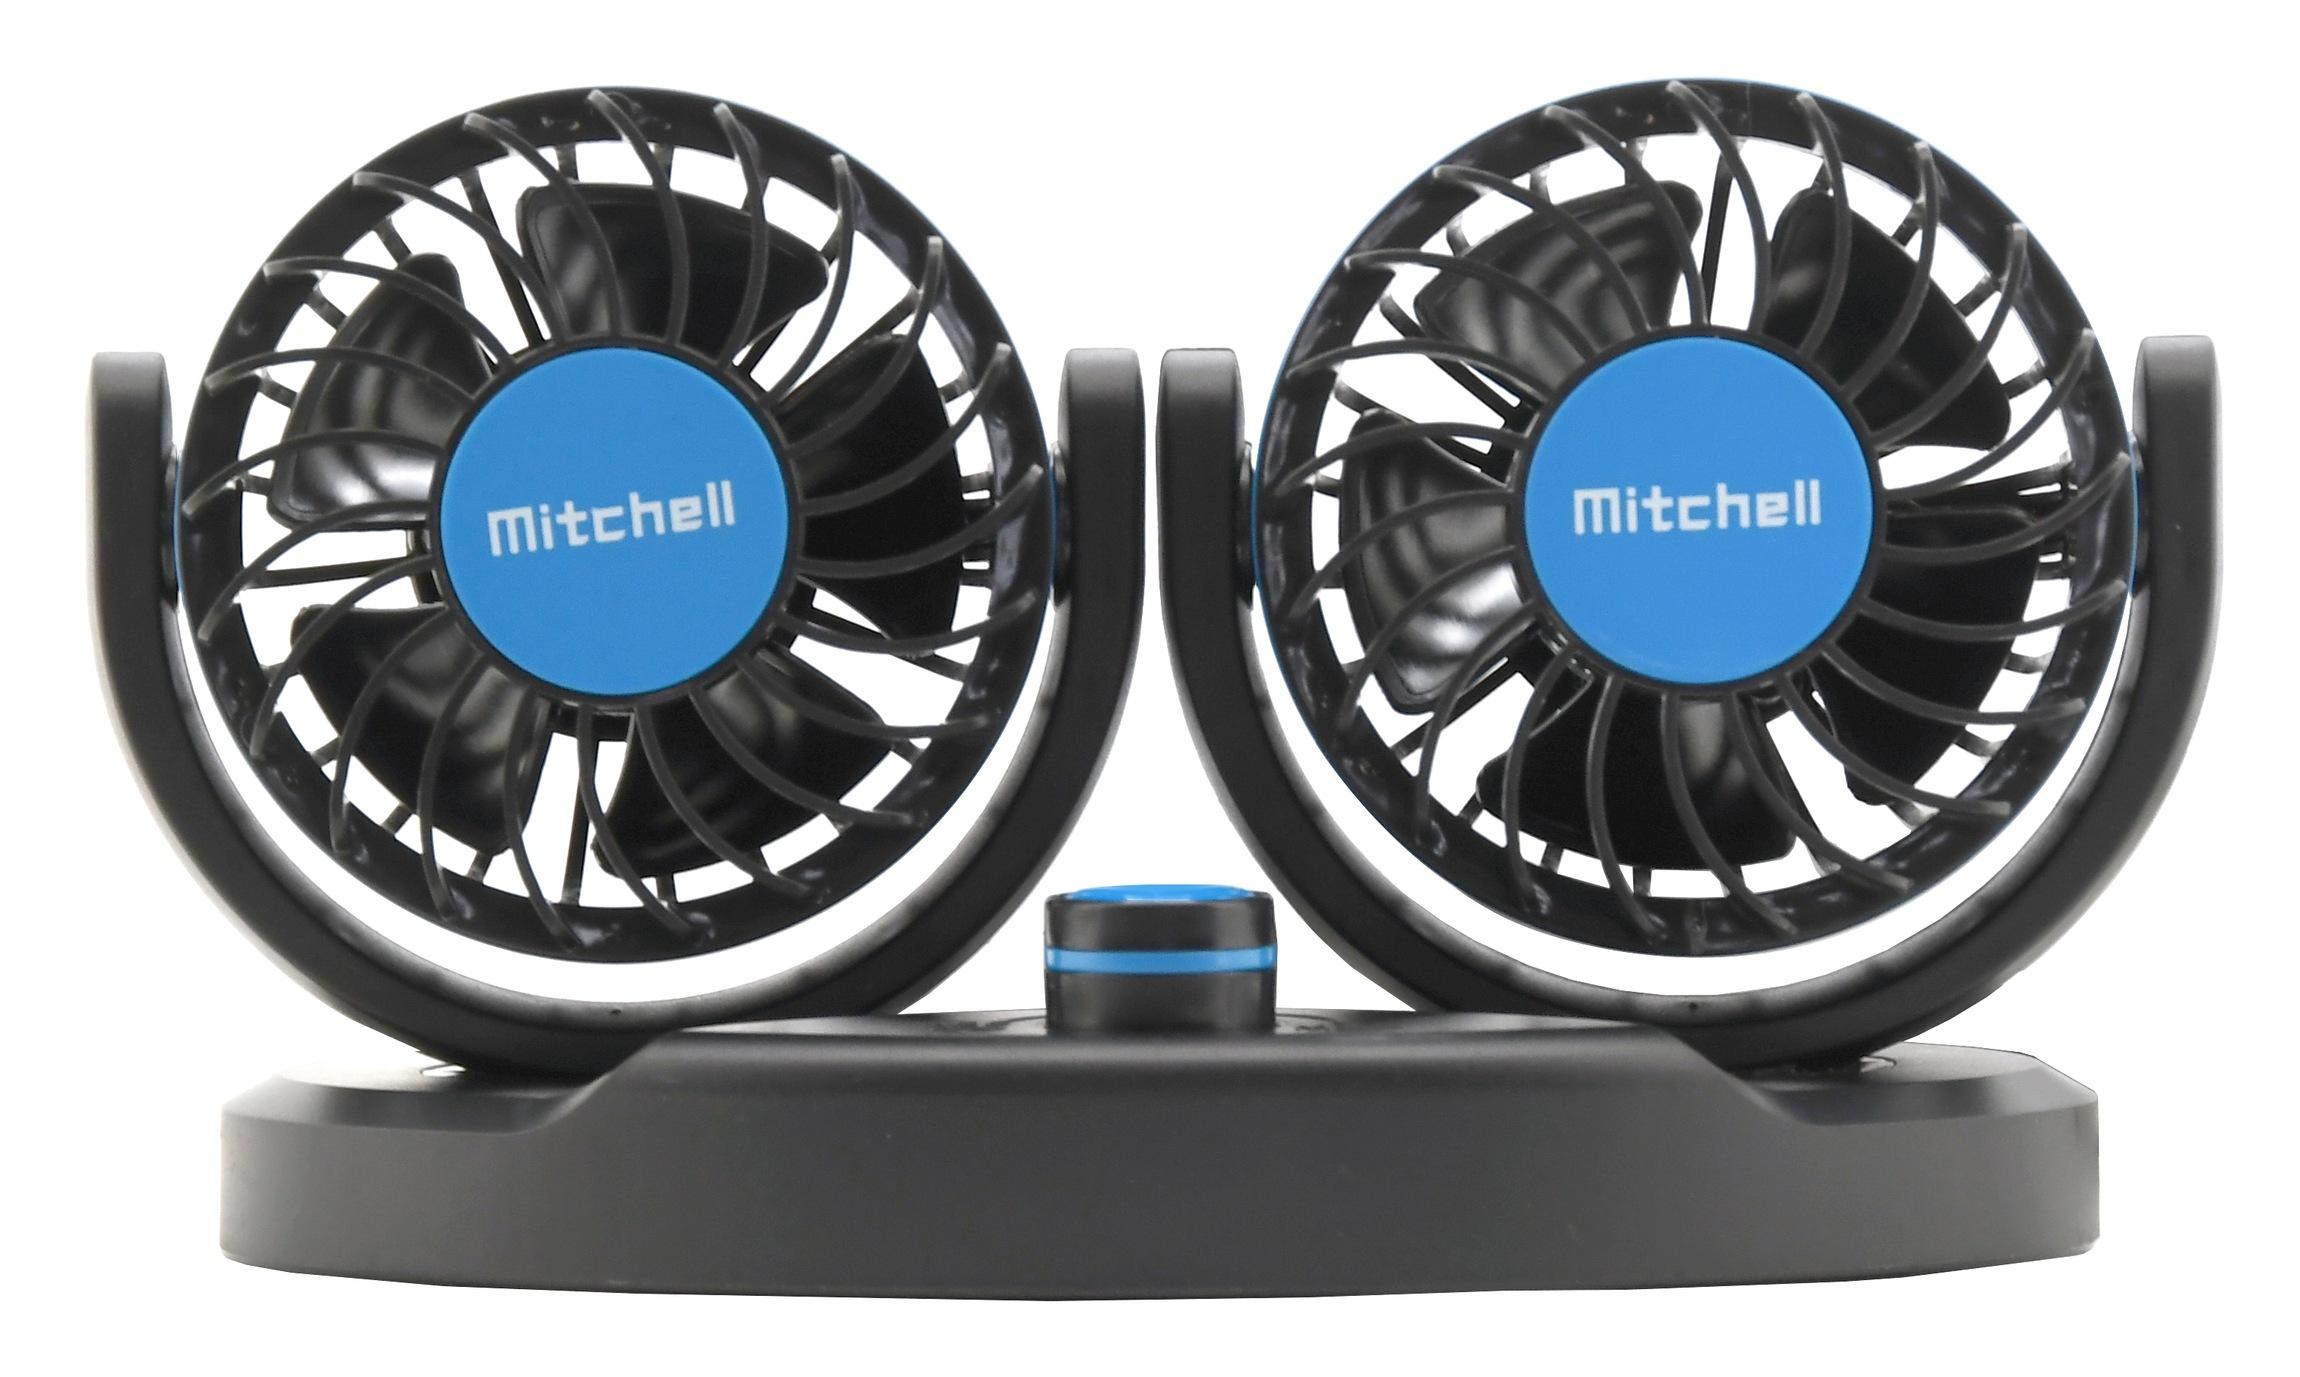 Ventilátor MITCHELL DUO 2x85mm 12V na palubní desku